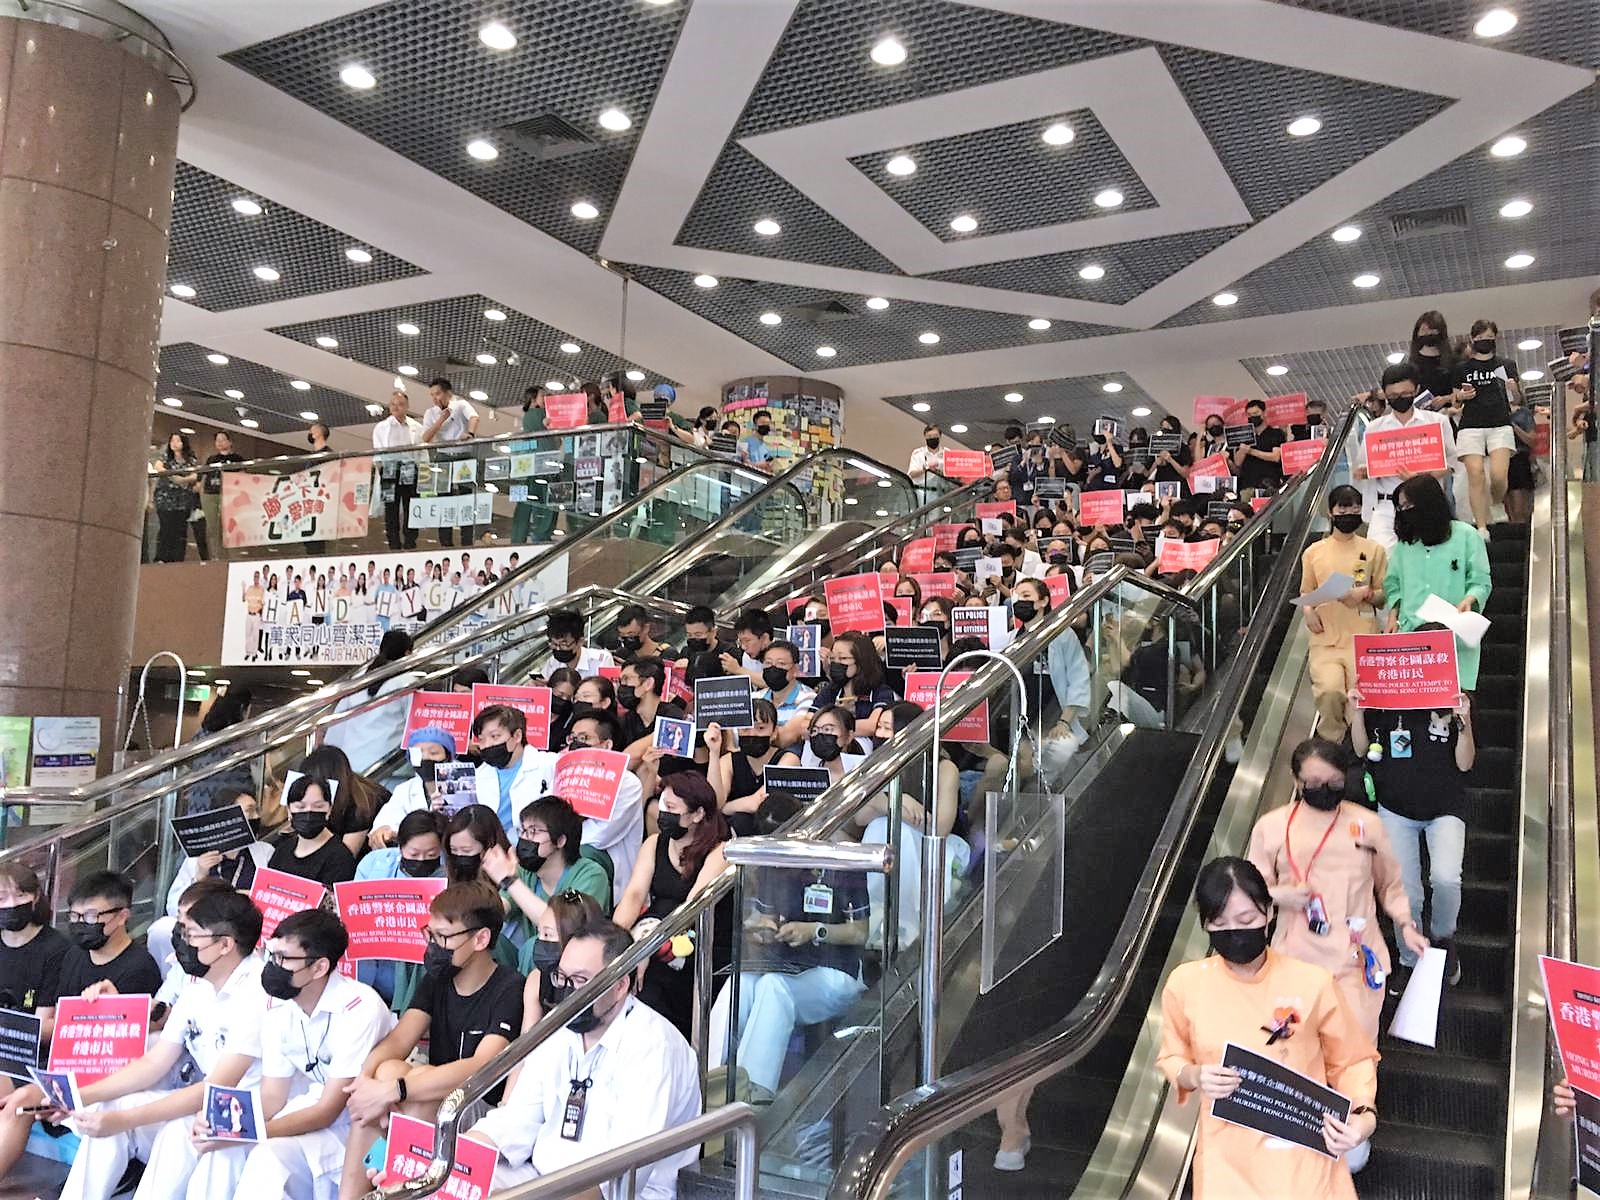 伊利沙伯醫院集會有逾200人出席。